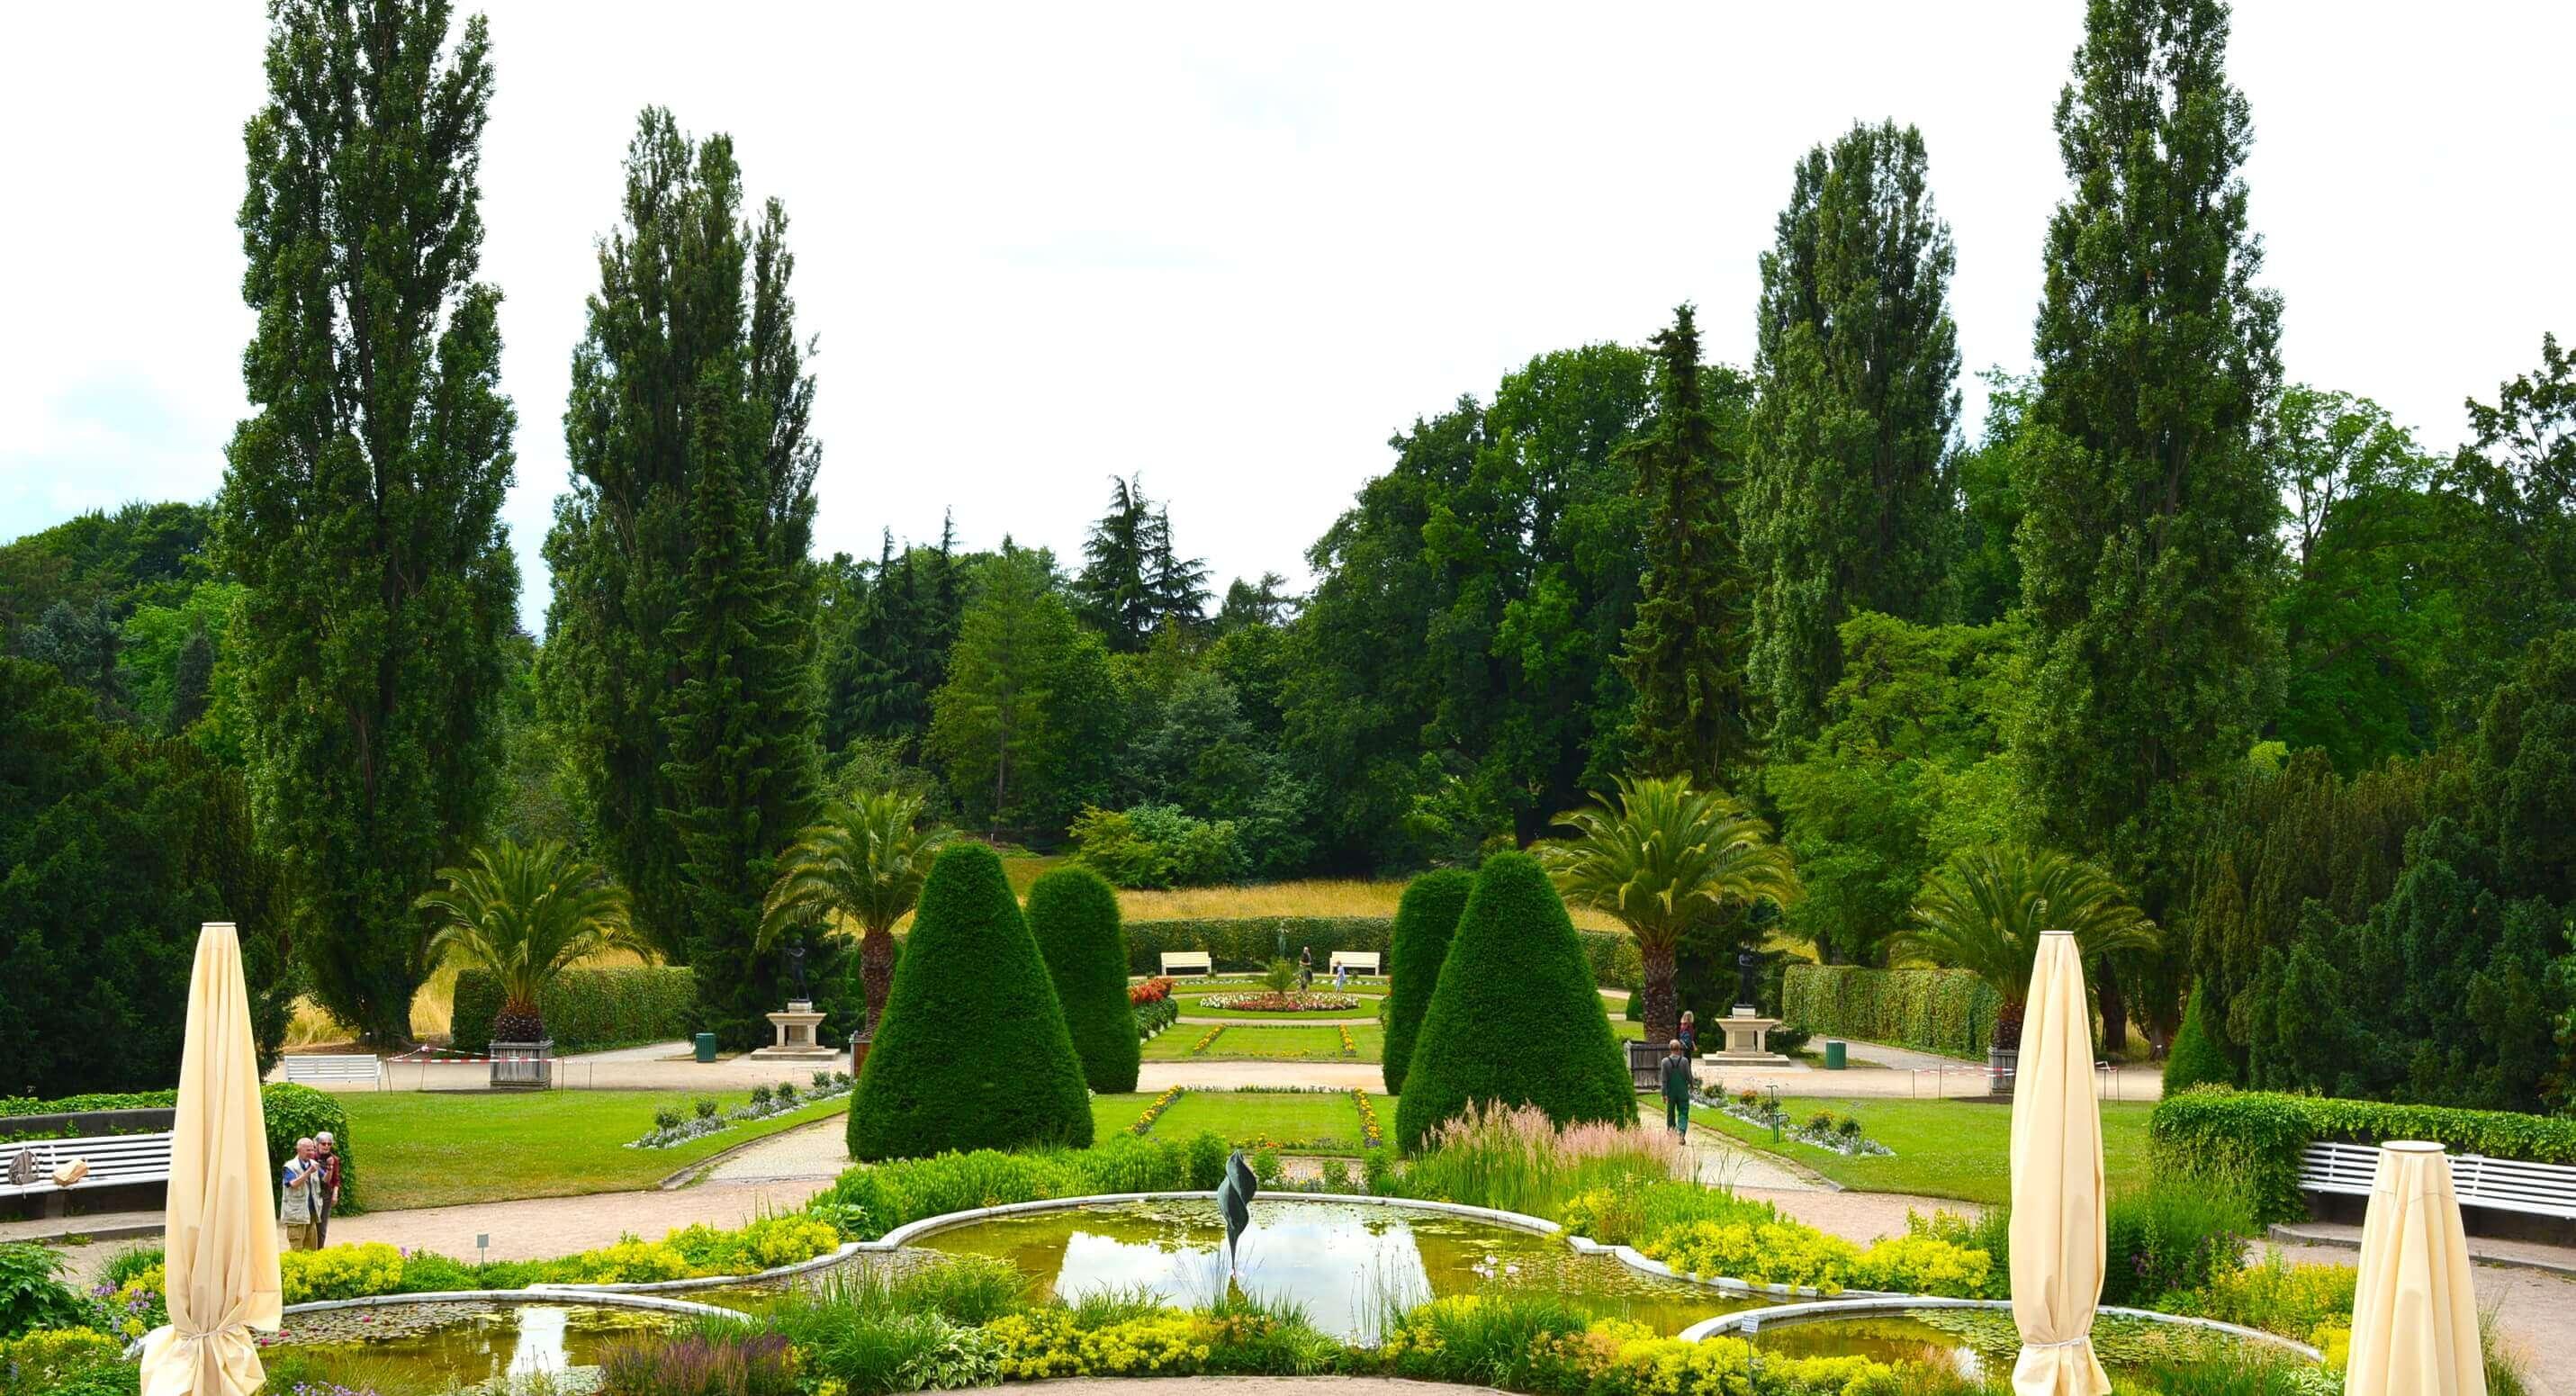 Hörspiele Unterm Freien Himmel Im Botanischen Garten